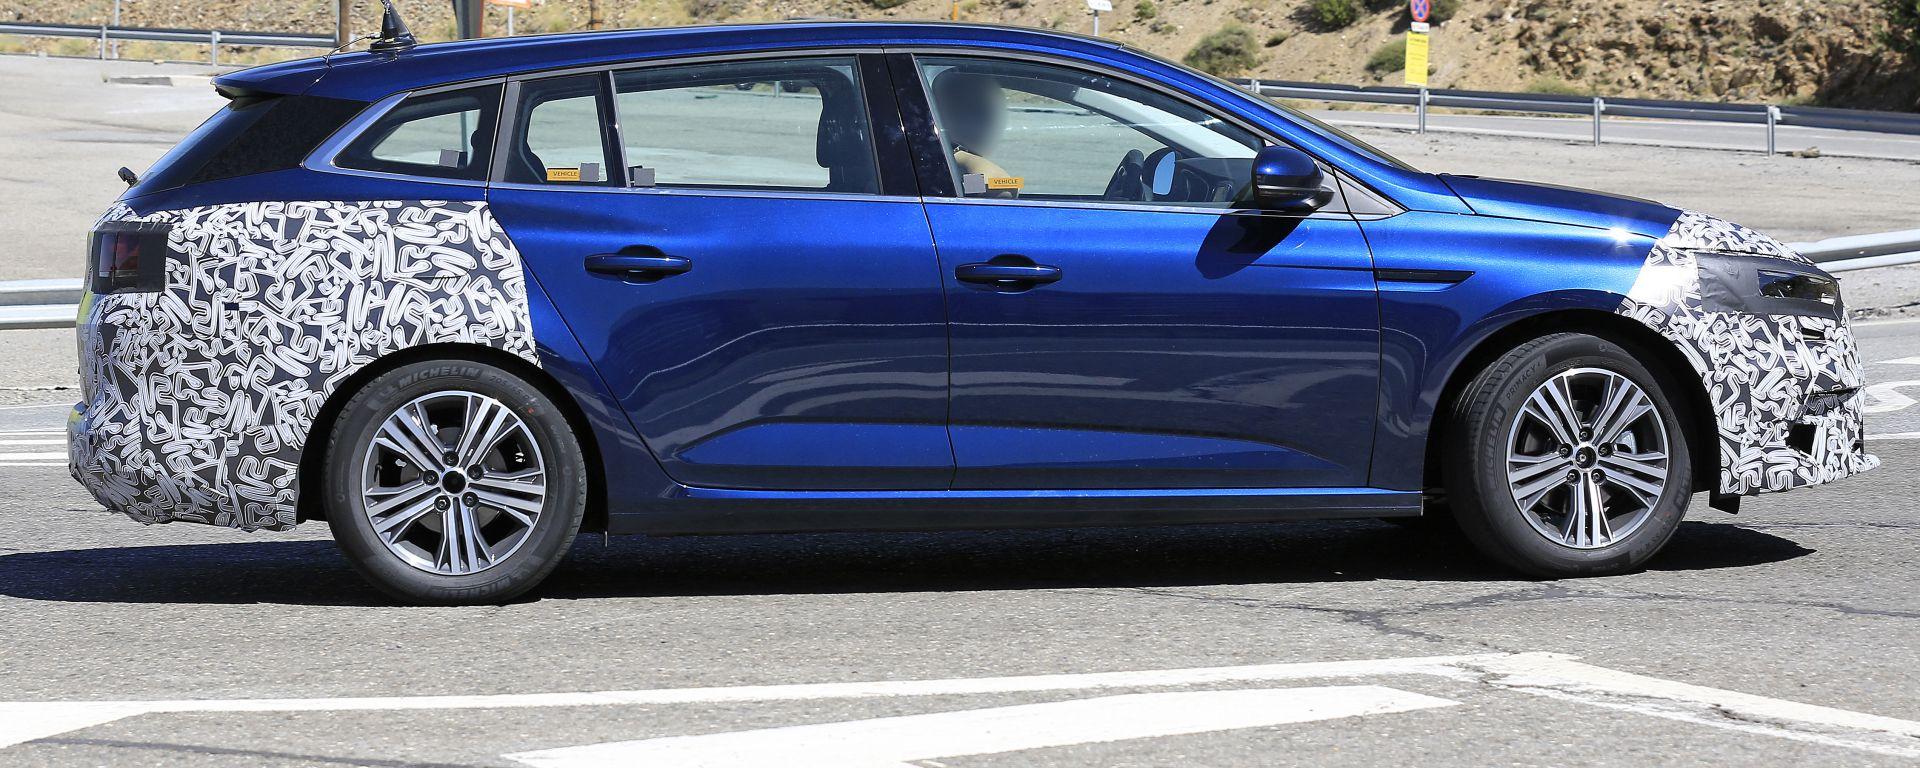 Nuova Renault Megane Sporter 2020: vista laterale